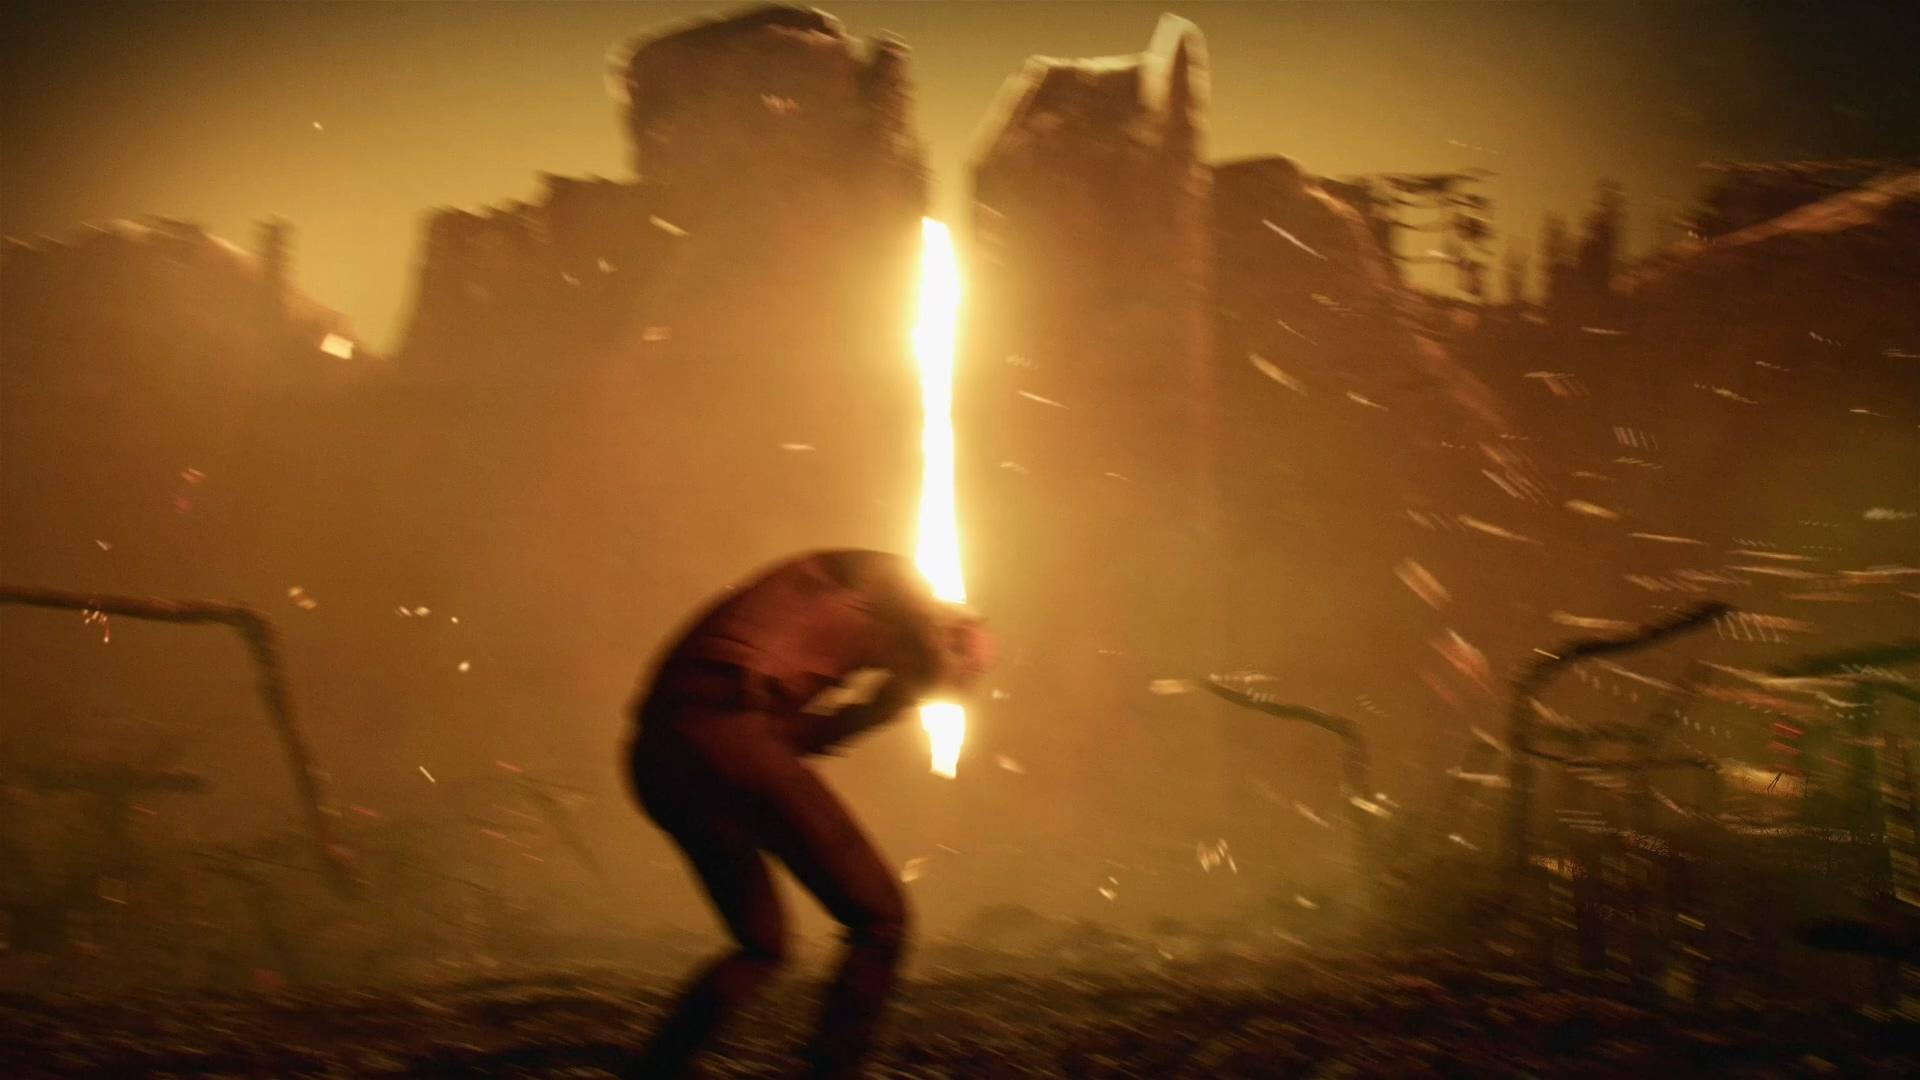 次世代恐怖游戏《灵媒》新预告 展现双重现实玩法